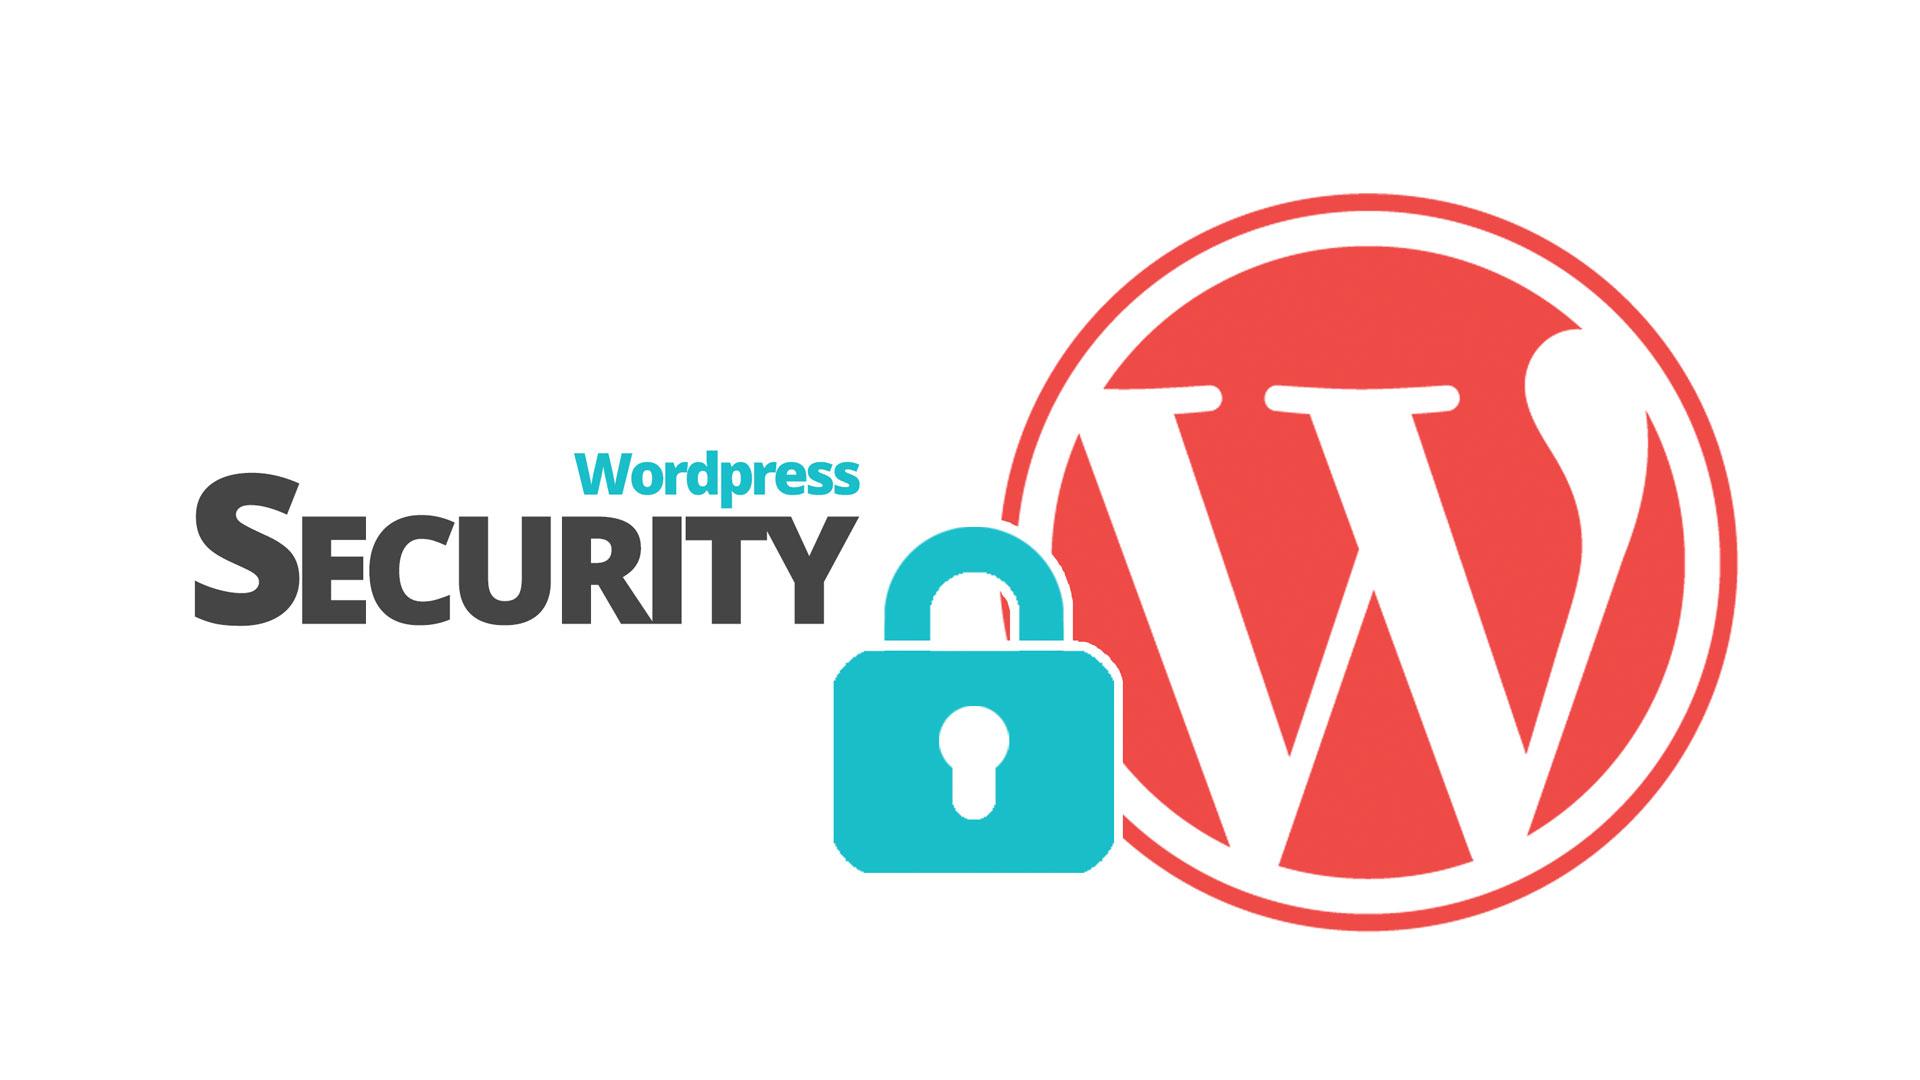 wordpress-security-fi